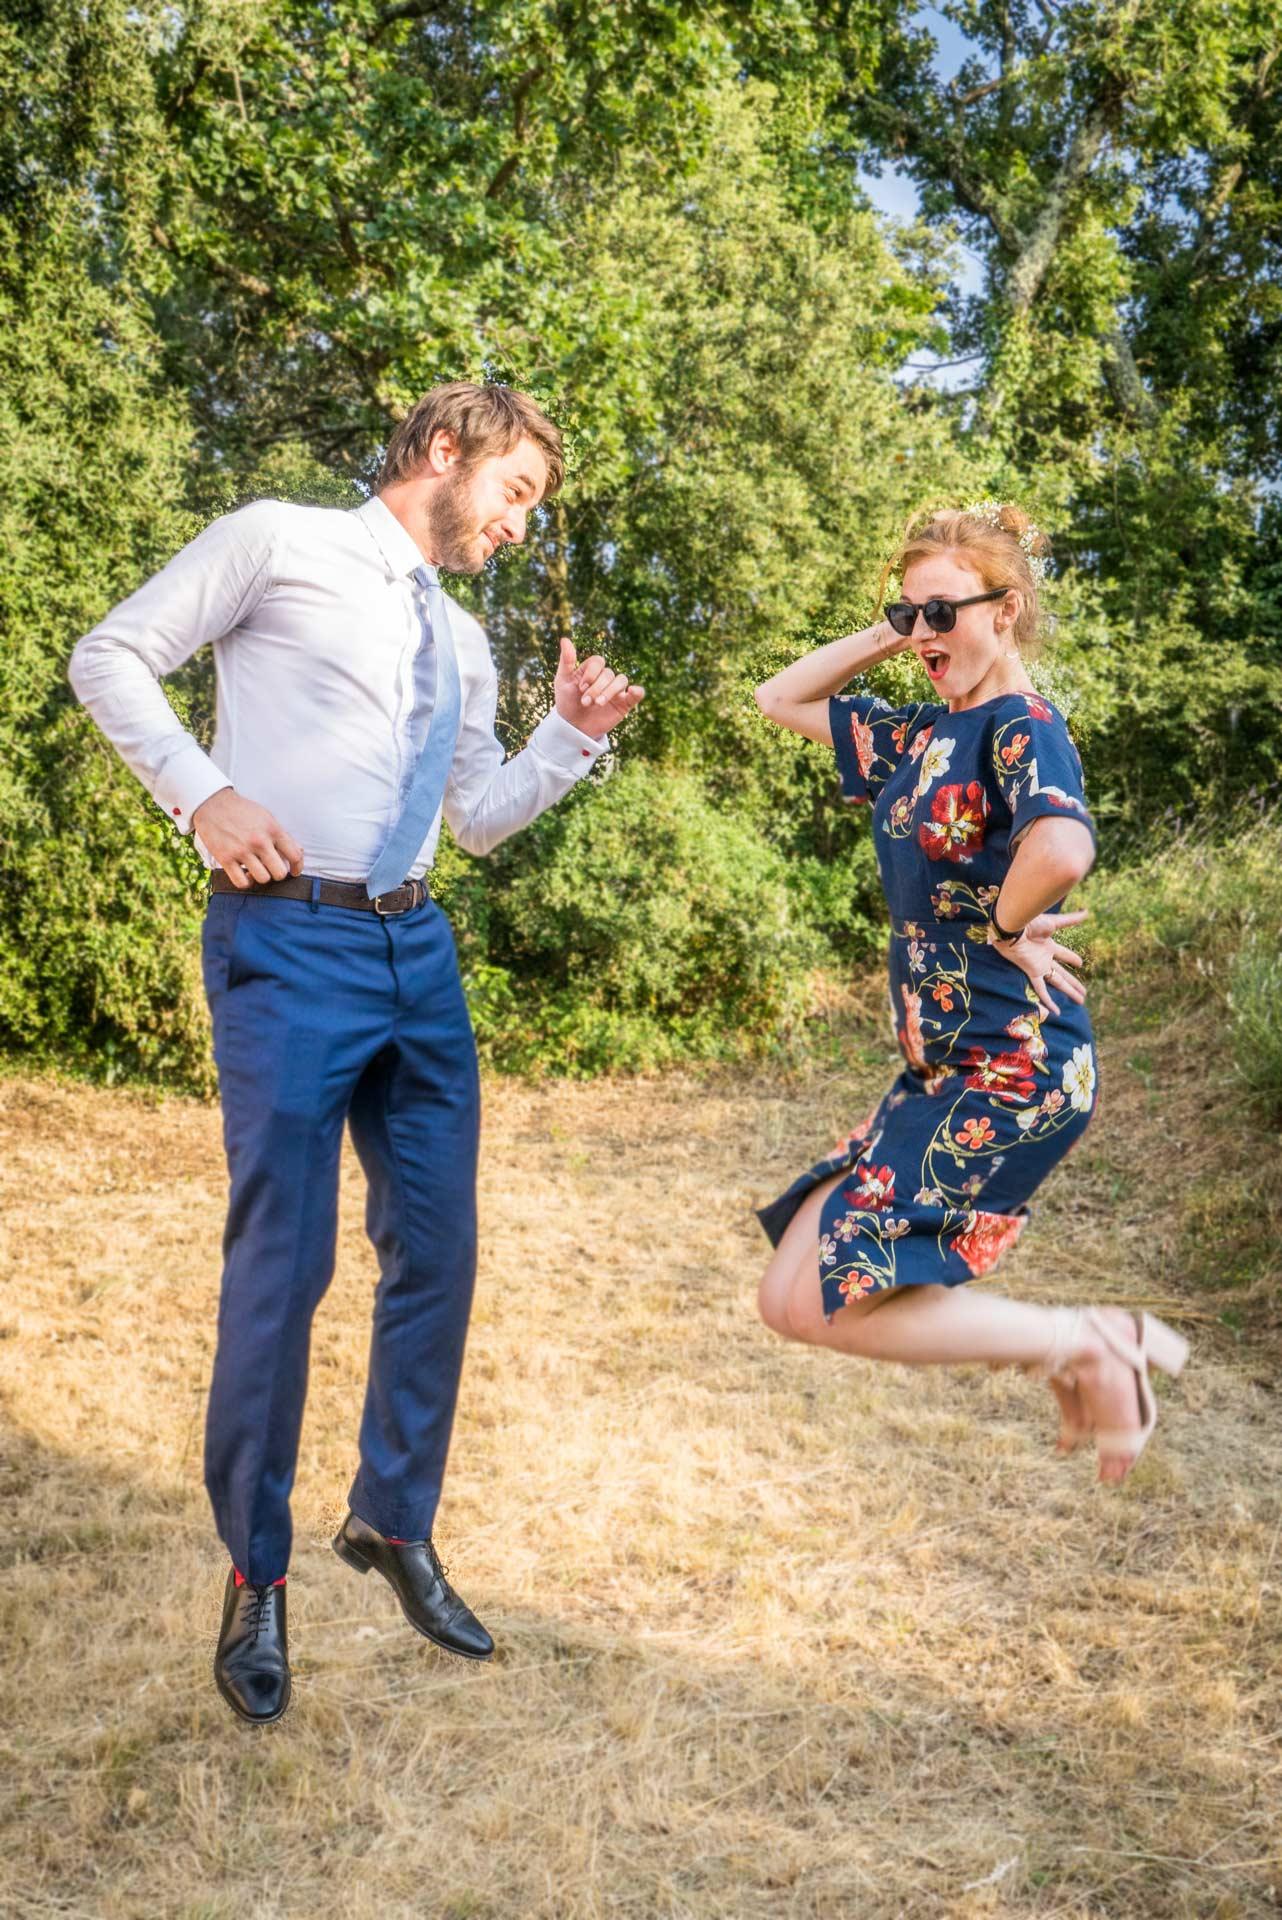 Un couple en habit de cocktail fait un saut dans un jardin